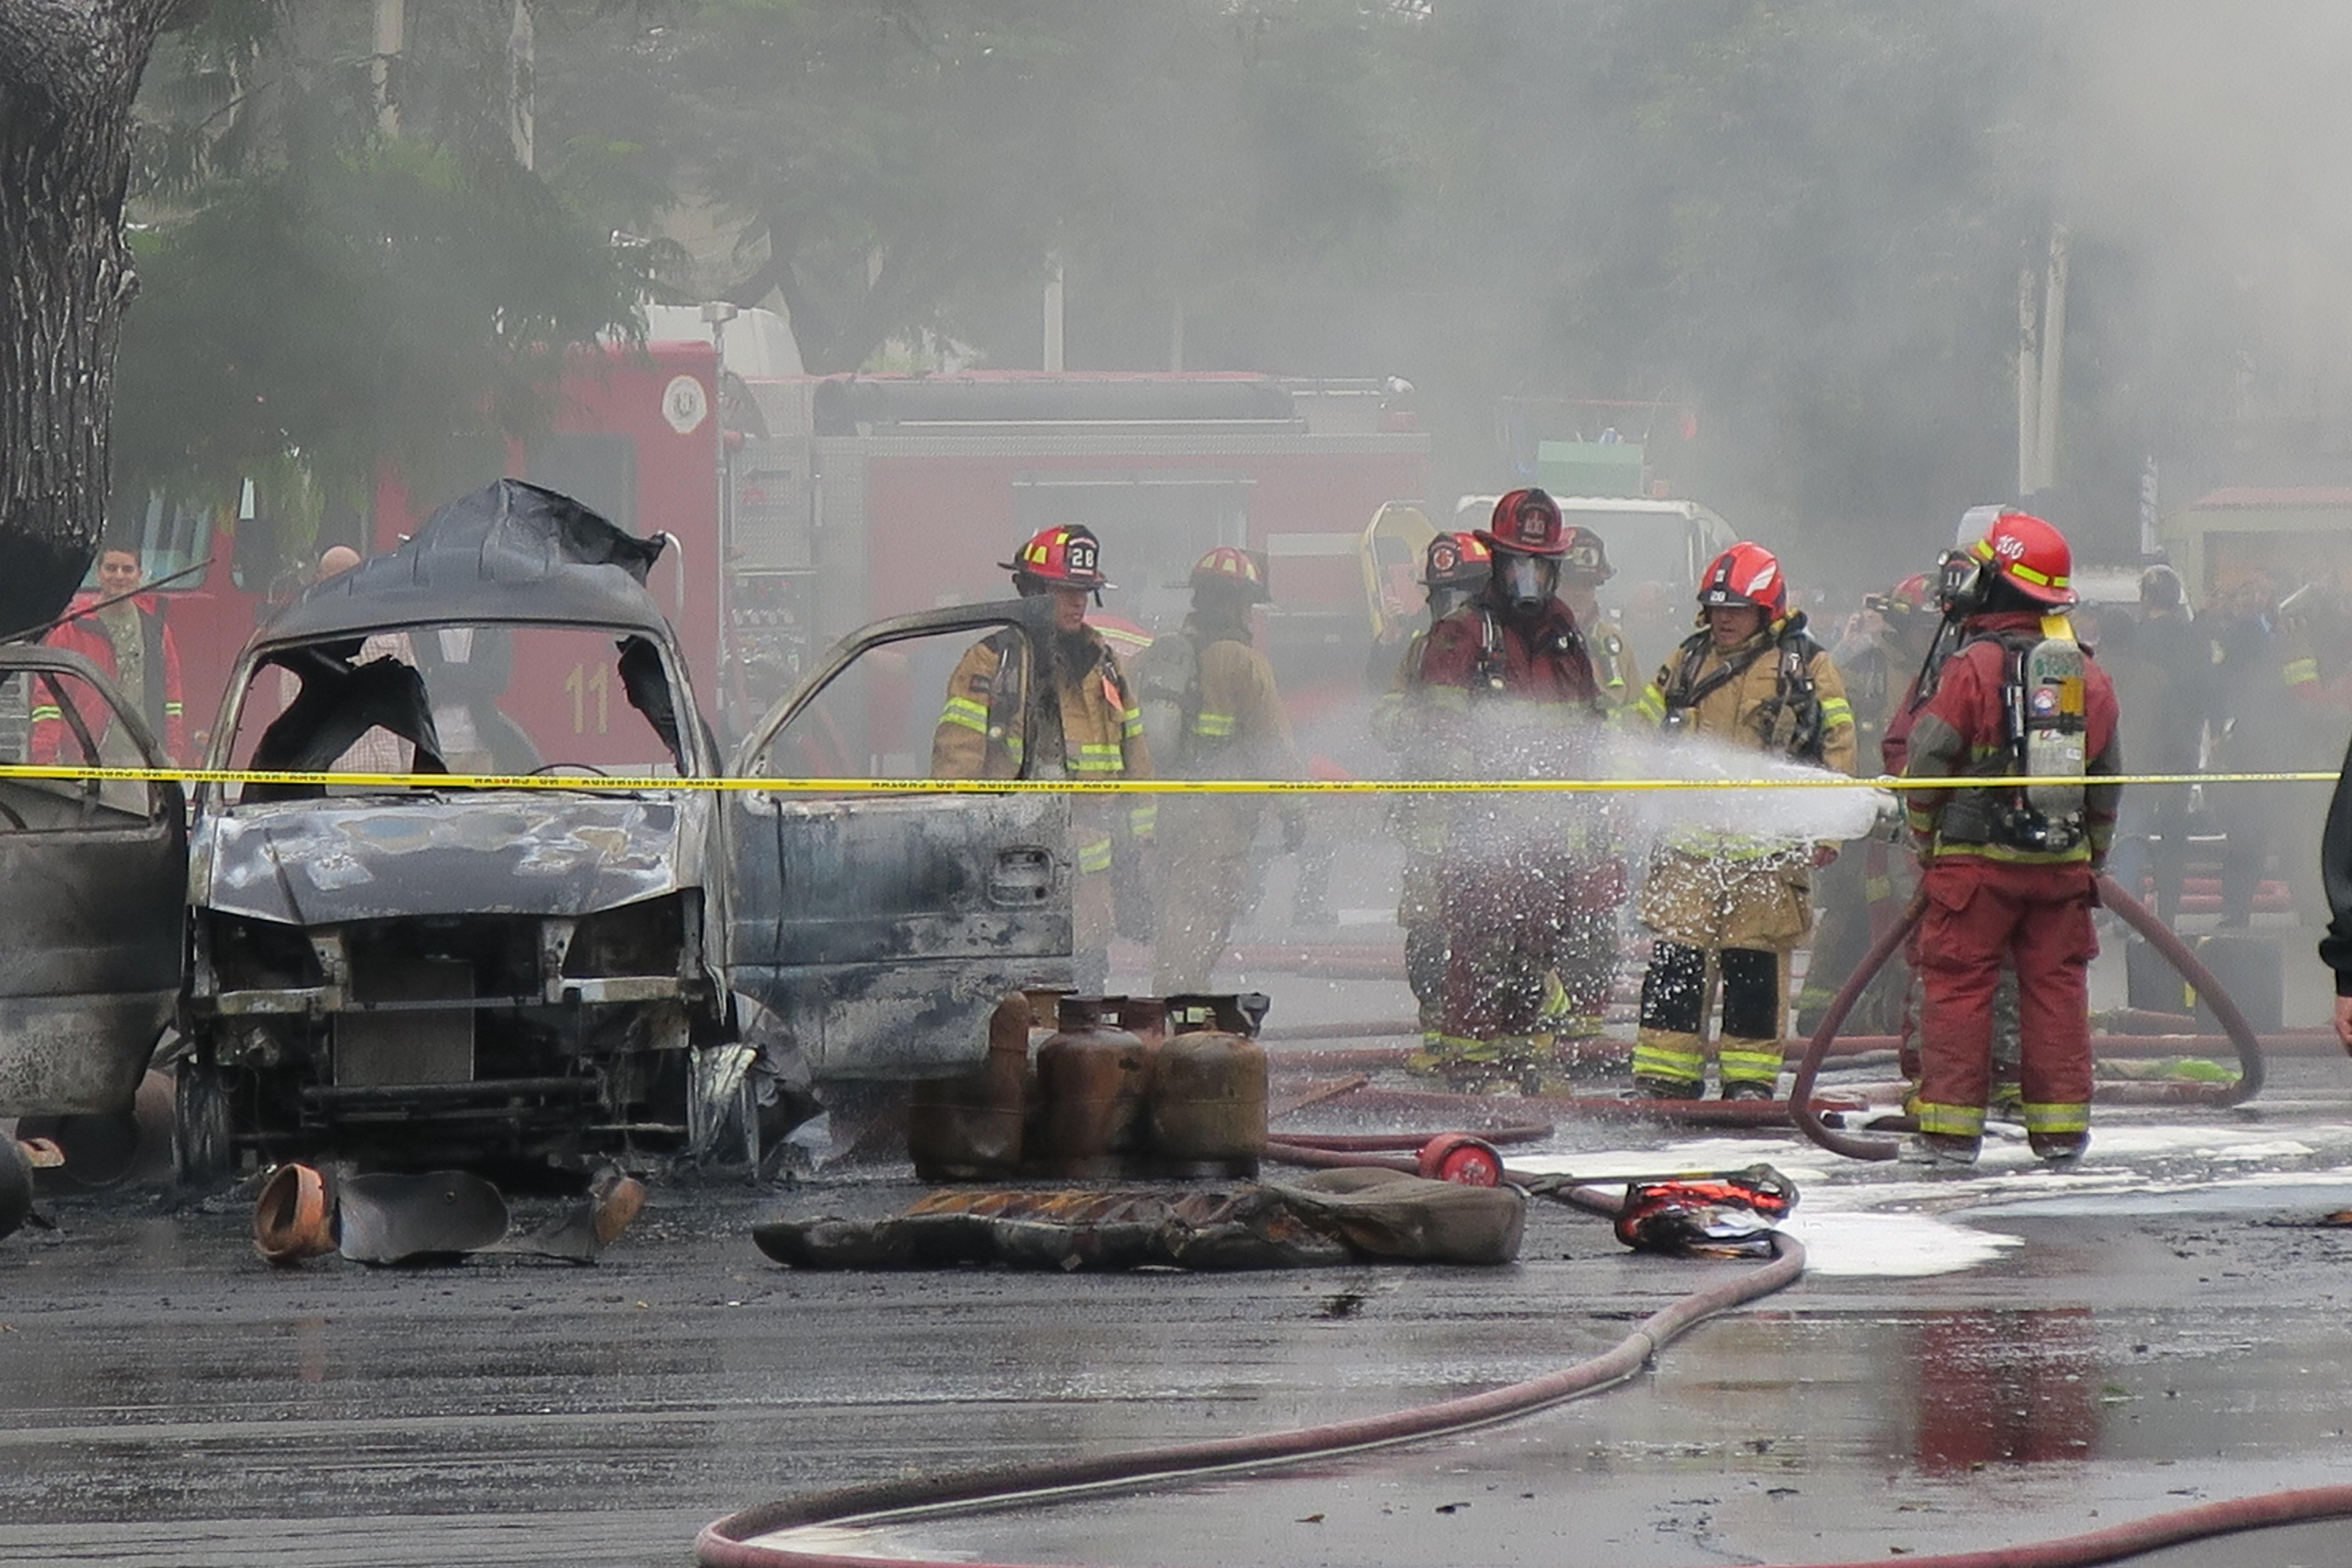 Bombers treballen en un incendi generat per una explosió al districte de San Isidro, a Lima (Perú). /DAVID BLANCO